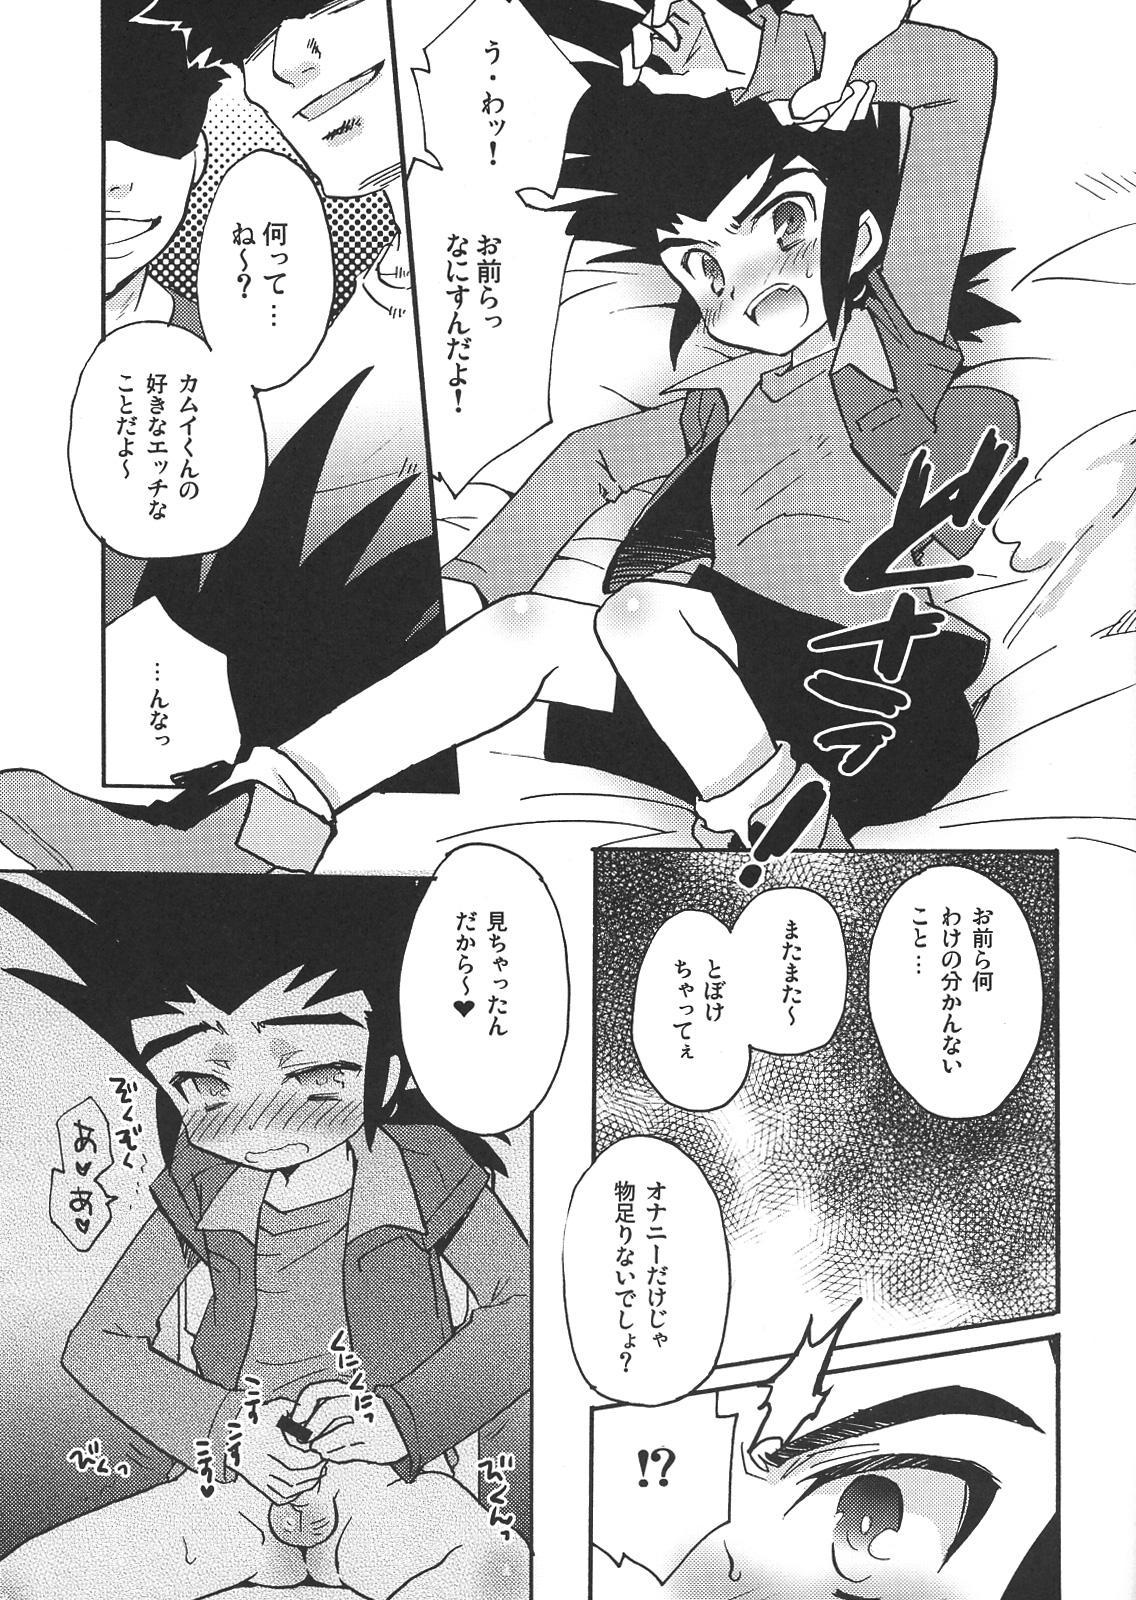 [Neruneru (Nerune)] Come-Come Kamui-kun! (Cardfight!! Vanguard) 4